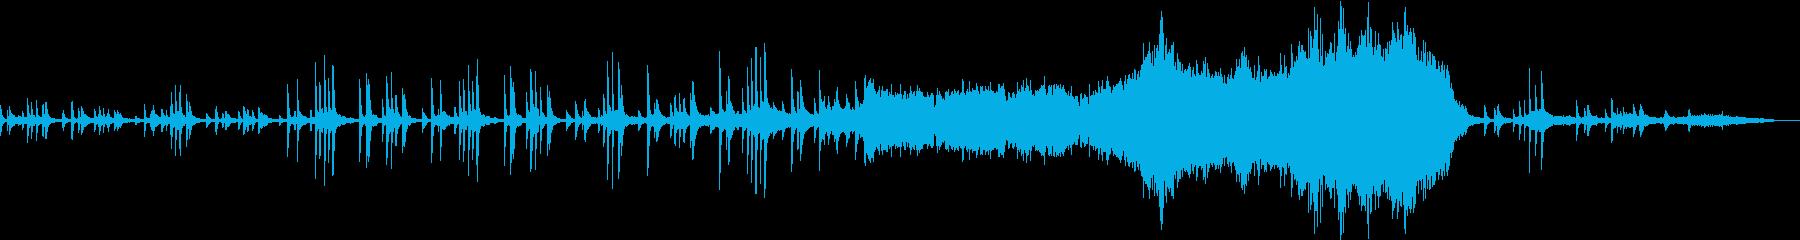 ピアノとオーケストラの感動的なバラードの再生済みの波形